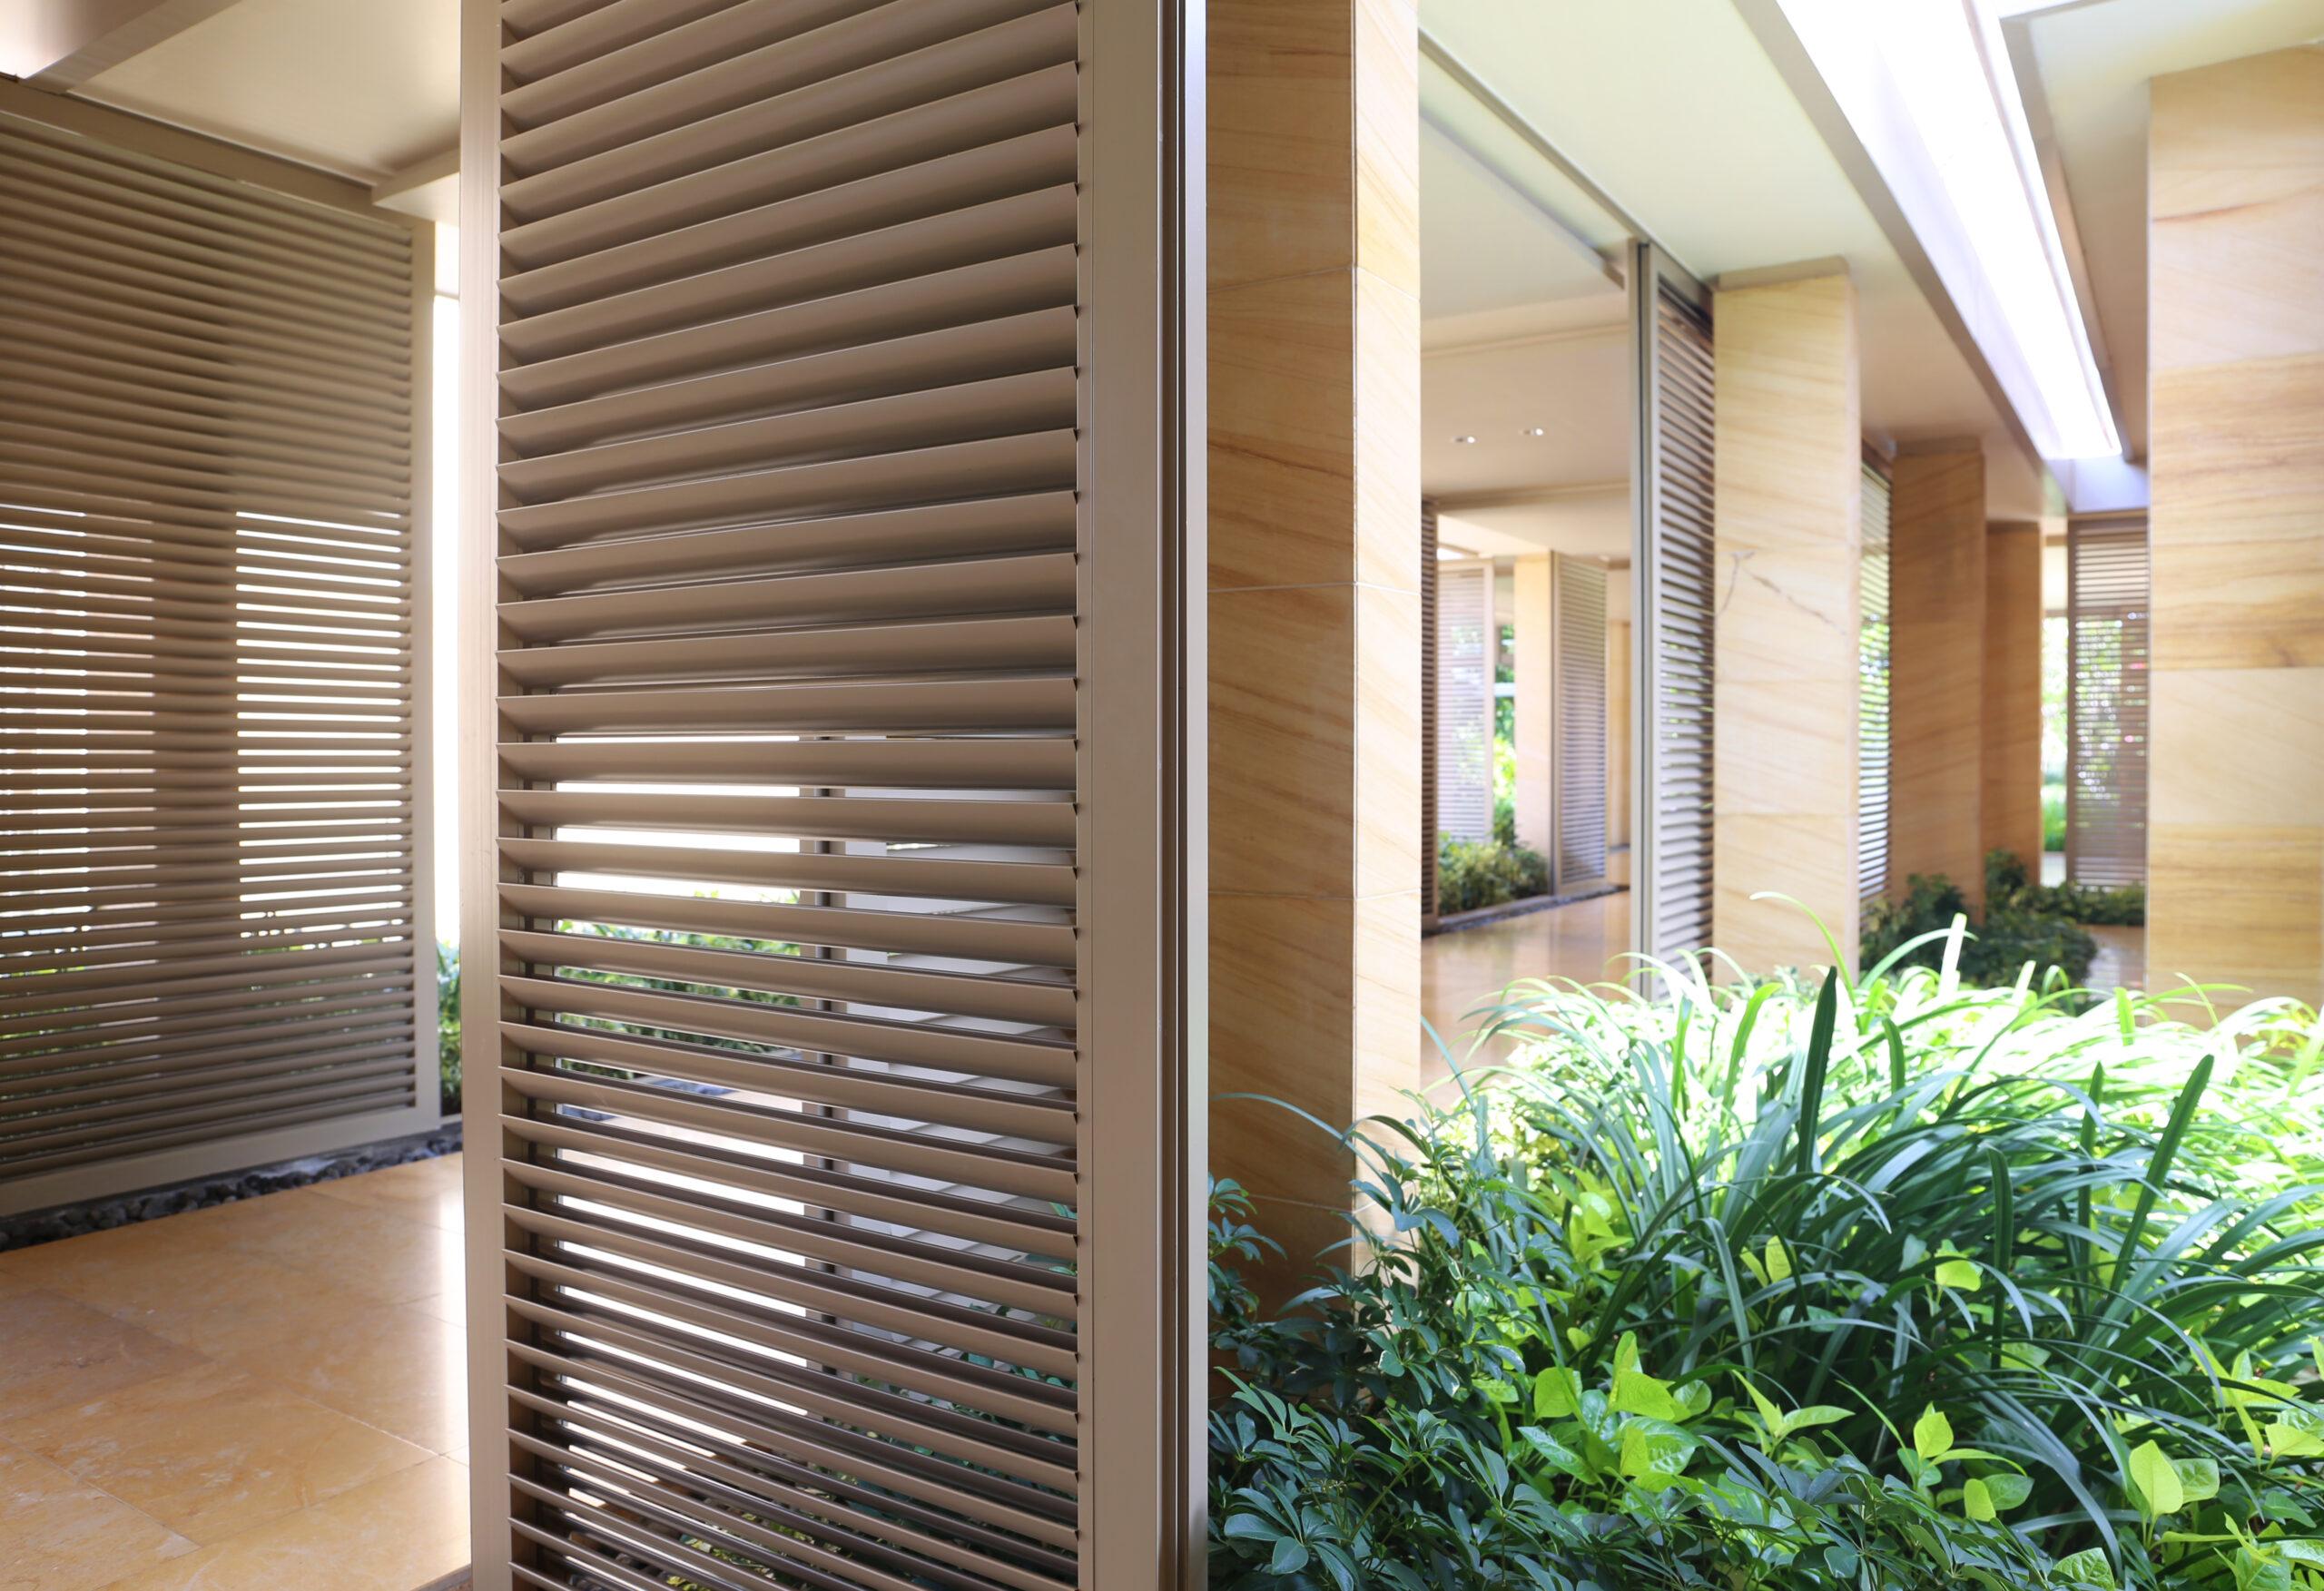 Okiennice typu shutters —doskonała alternatywa żaluzji irolet